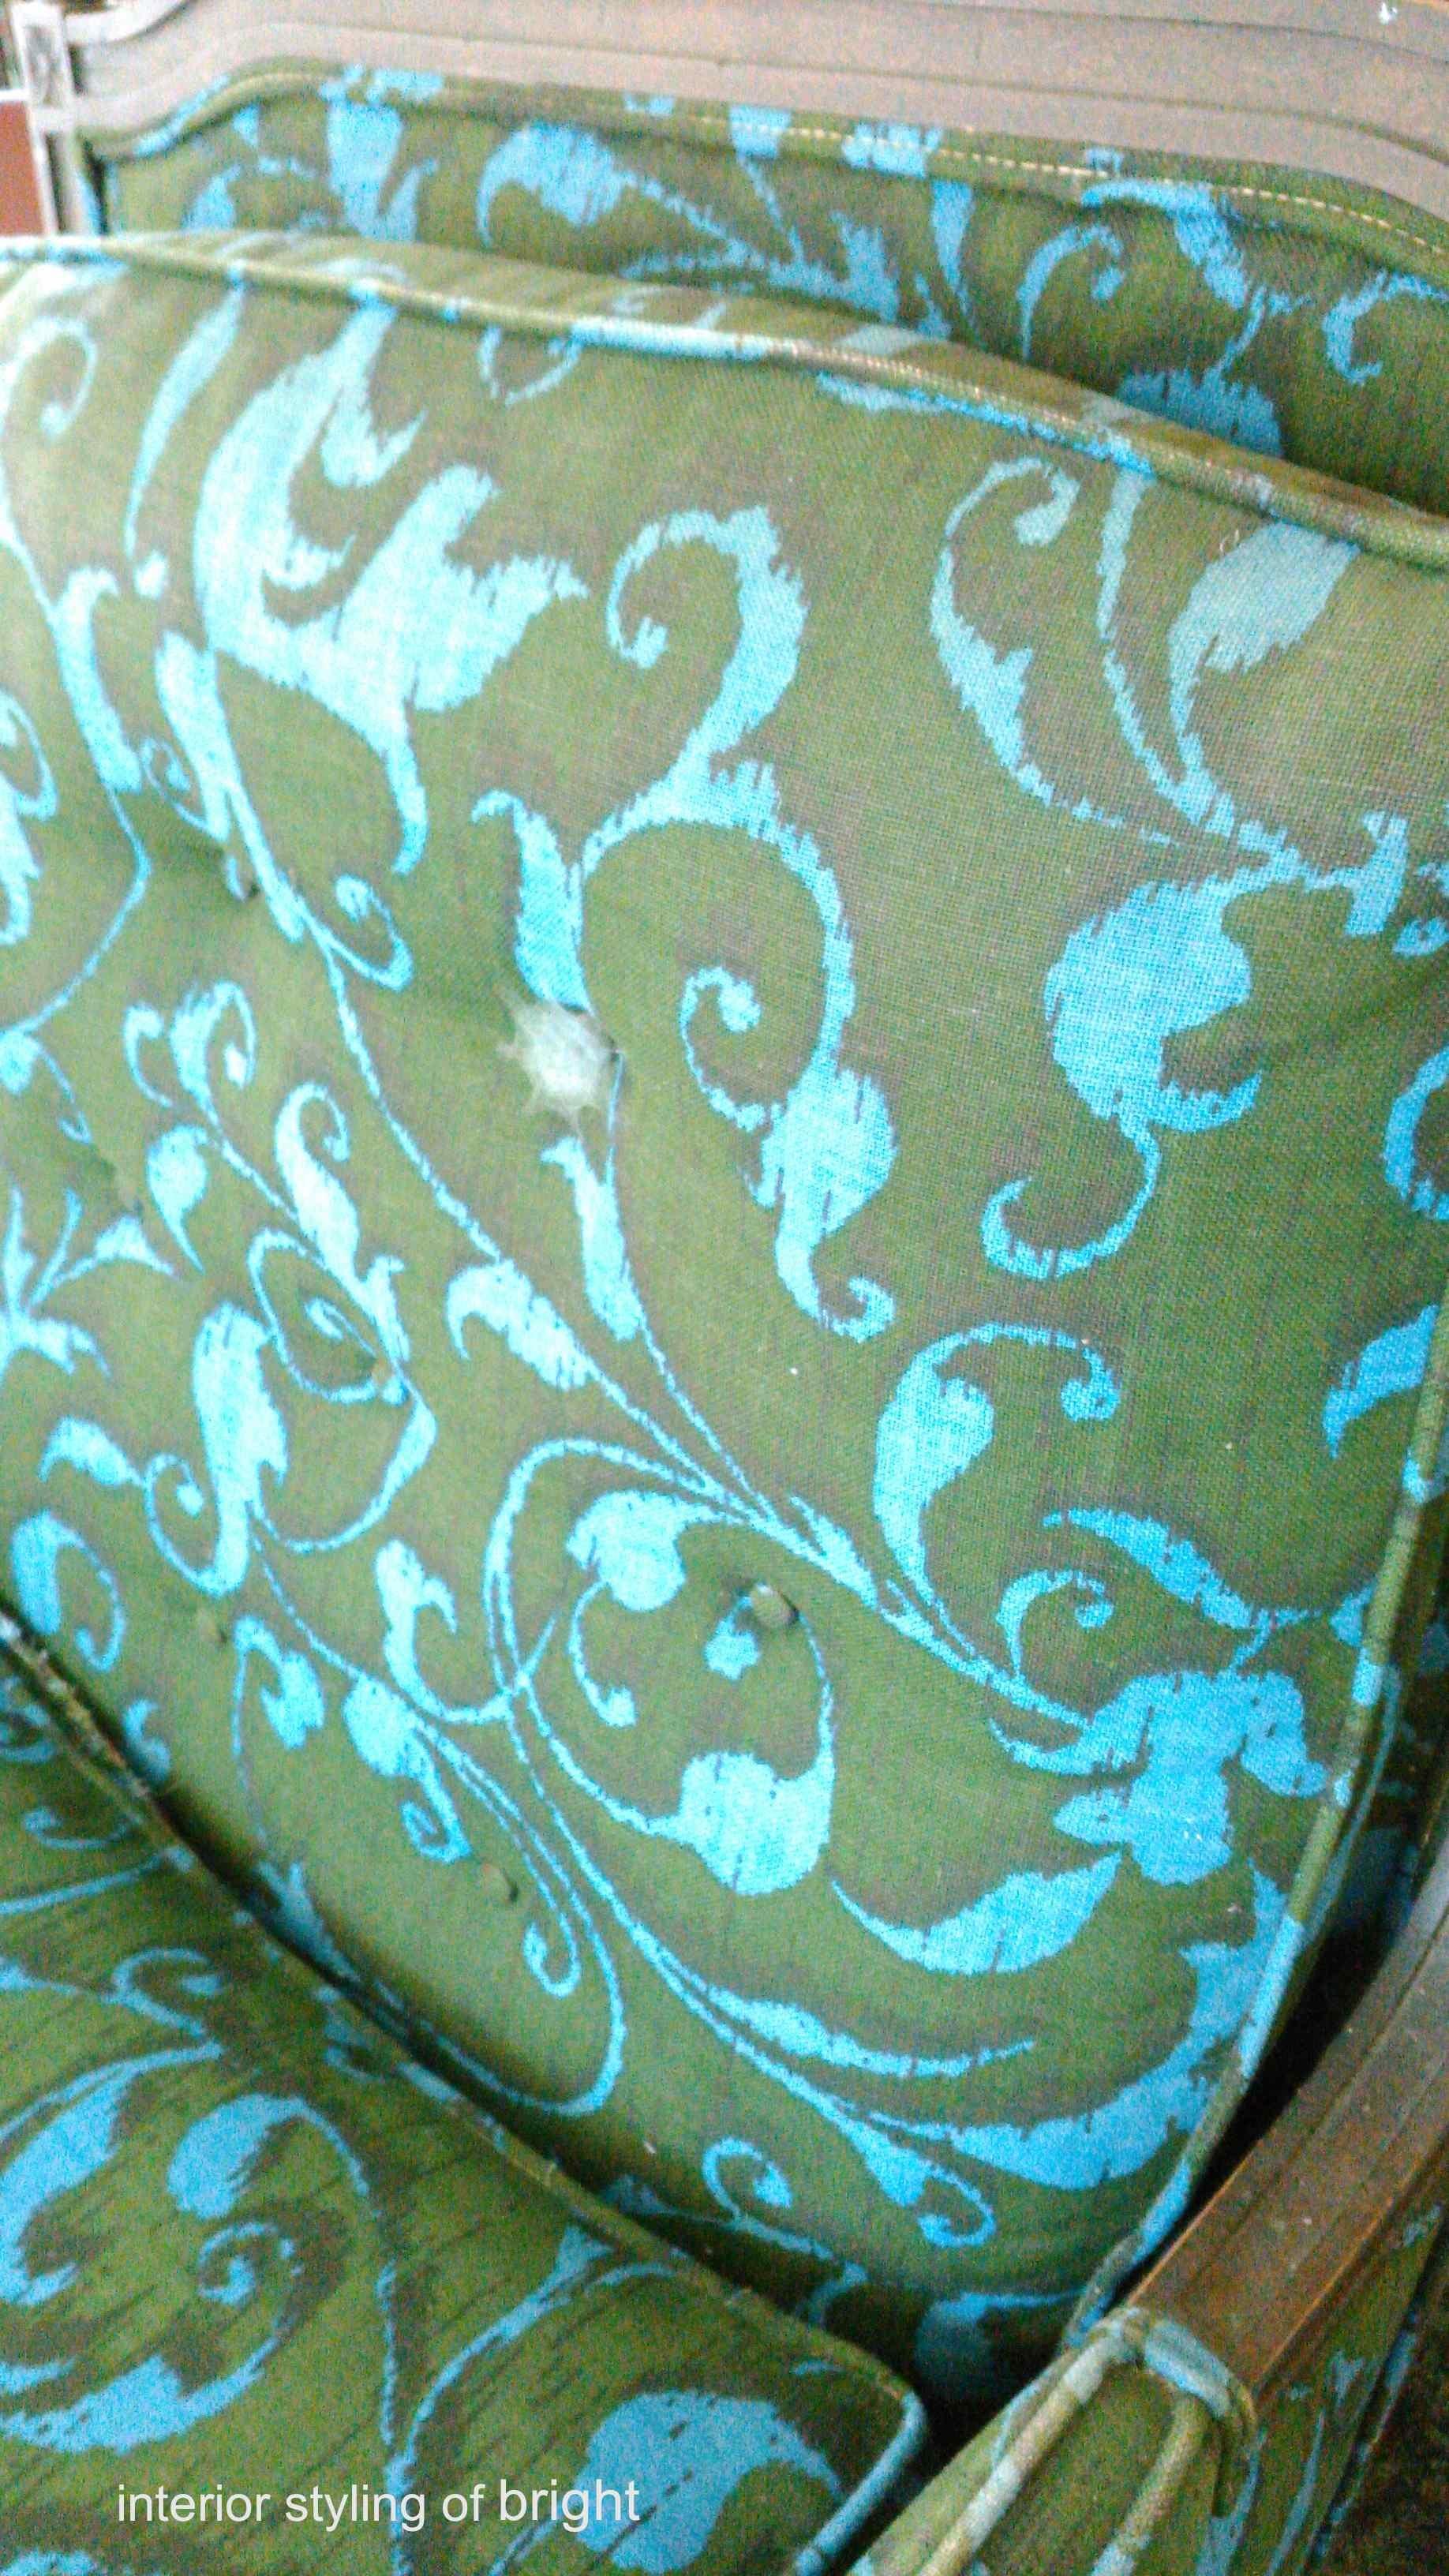 モリス 椅子張替『ラークスパー』 ウィリアムモリス正規販売店のブライト_c0157866_15005791.jpg